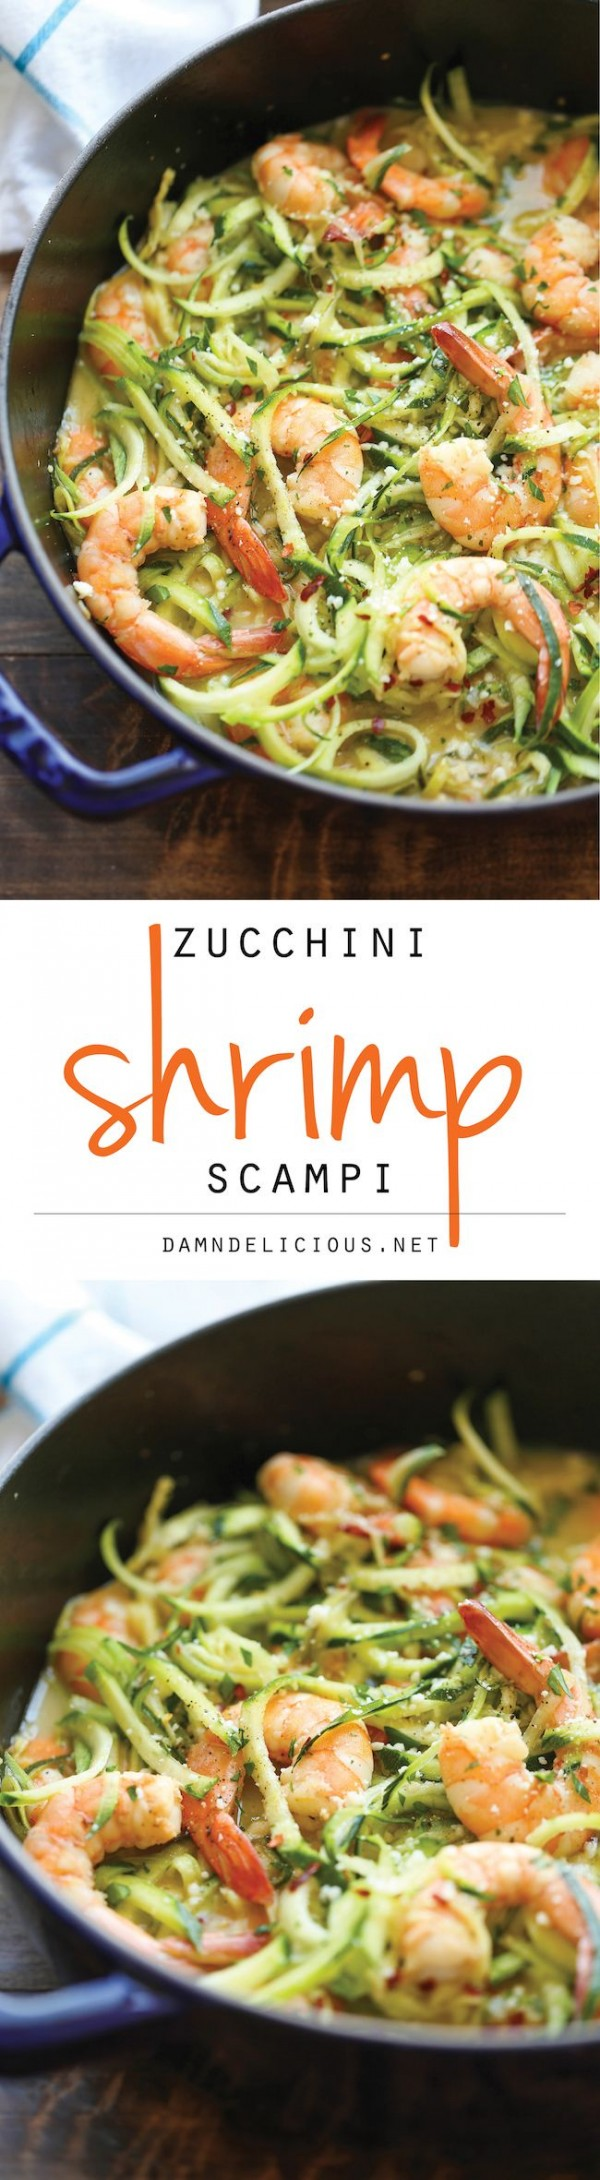 Get the recipe Zucchini Shrimp Scampi @recipes_to_go